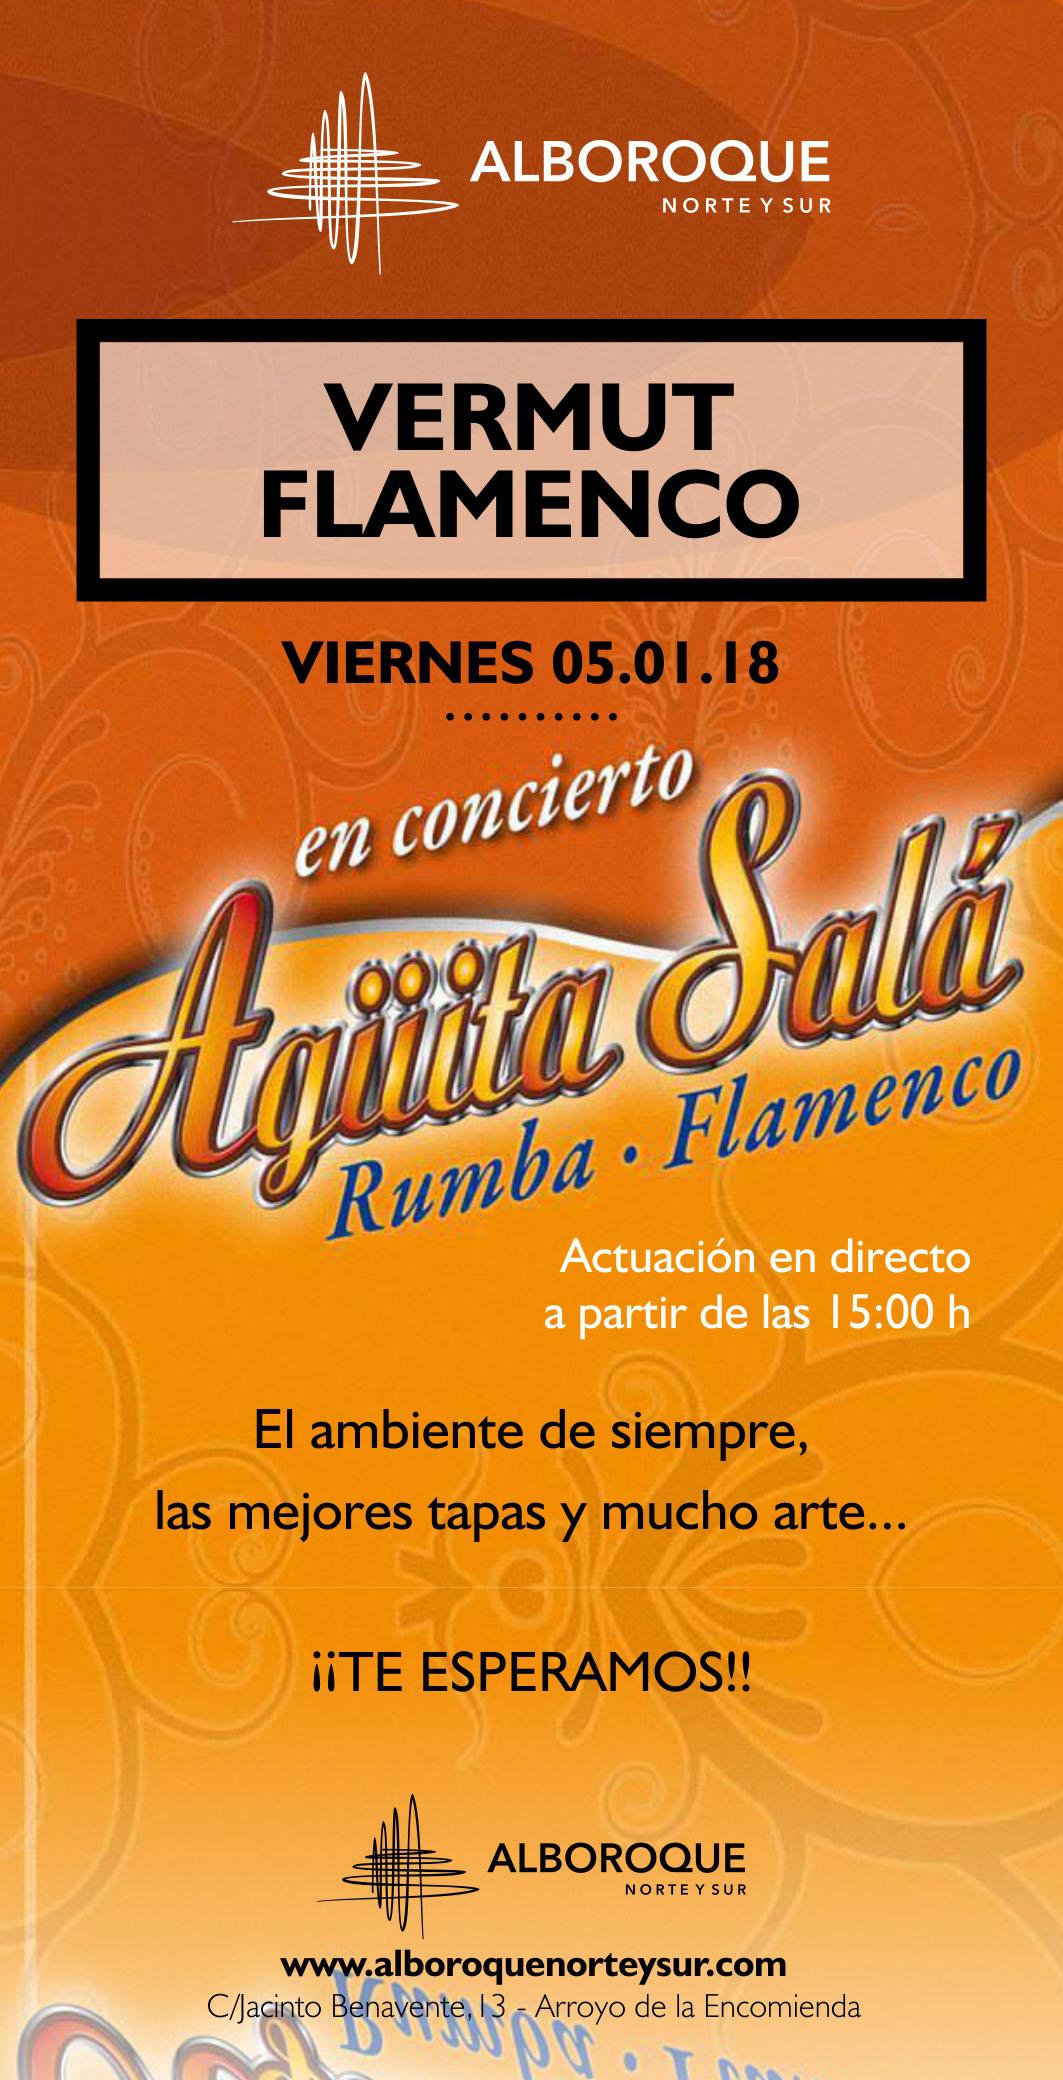 Agüita Salá rumba y flamenco en Arroyo de la Encomienda, te esperamos en Alboroque Norte y Sur